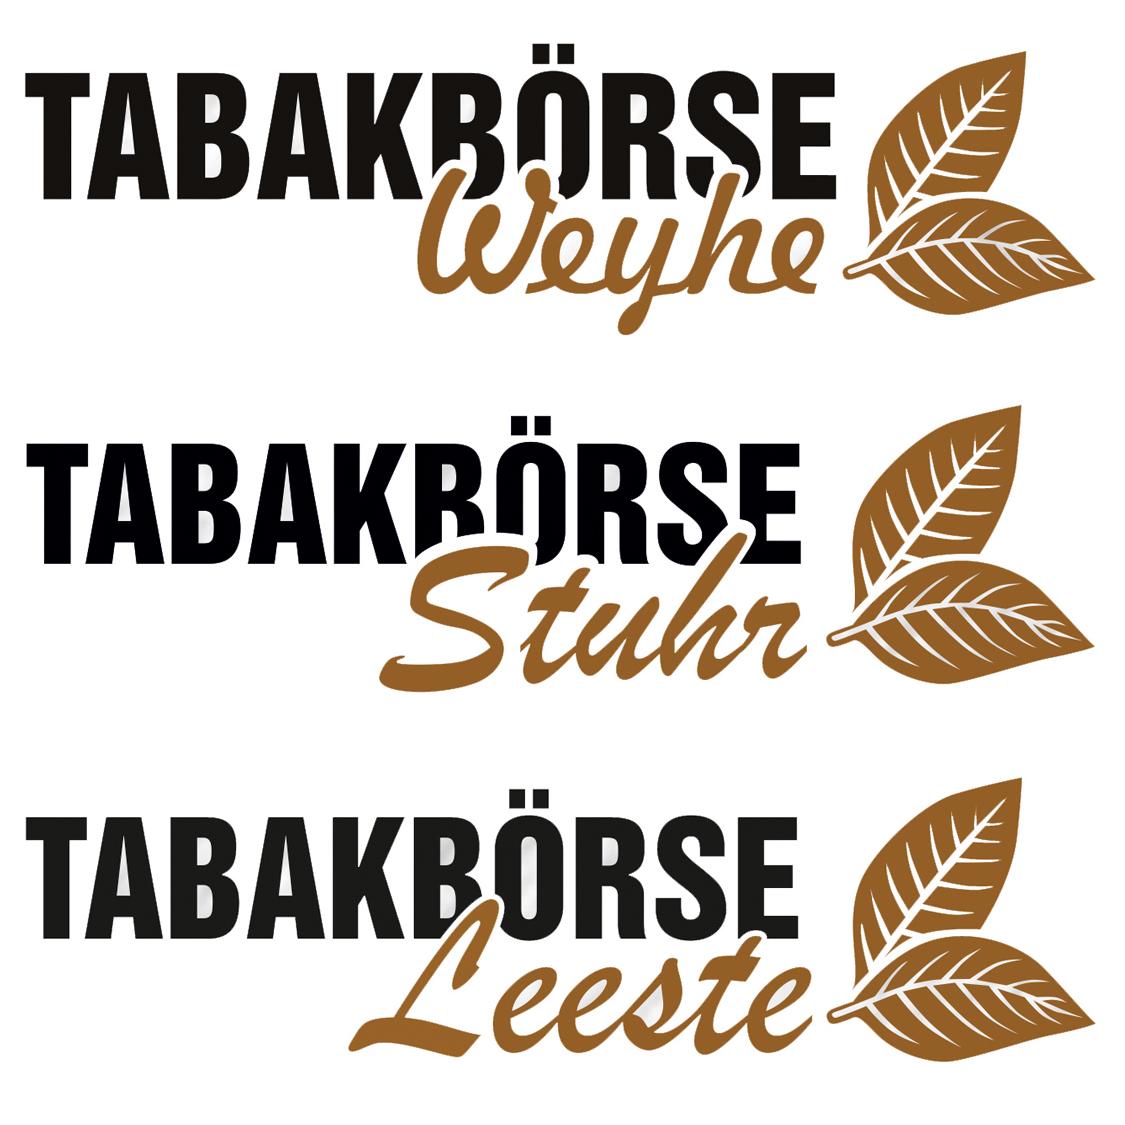 Logo der Tabakbörse Weyhe offene Stellen